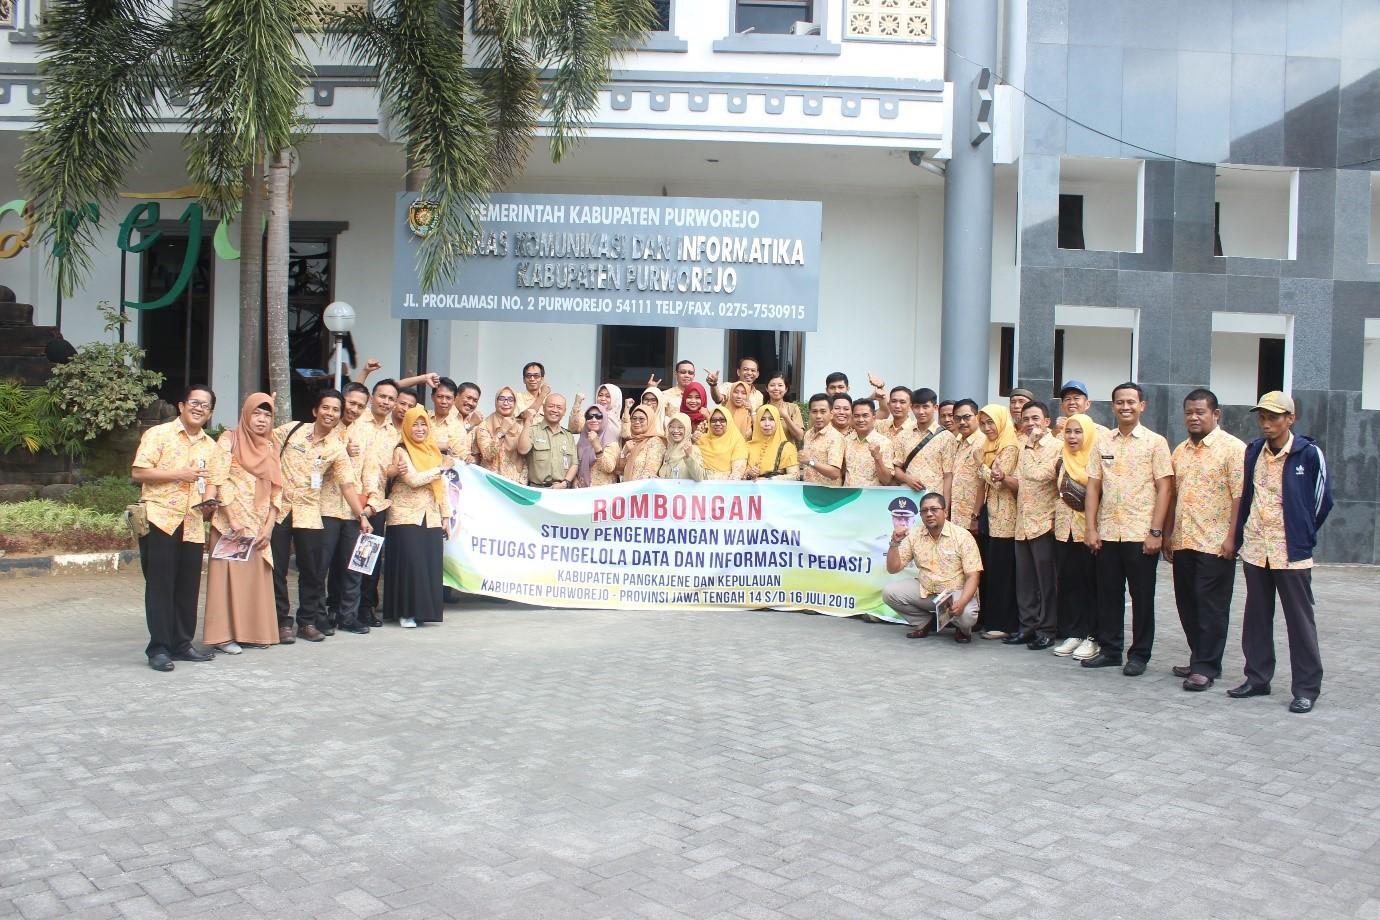 Terkait Statistik Sektoral, Dinkominfo Purworejo Terima Kunjungan dari Sulawesi Selatan